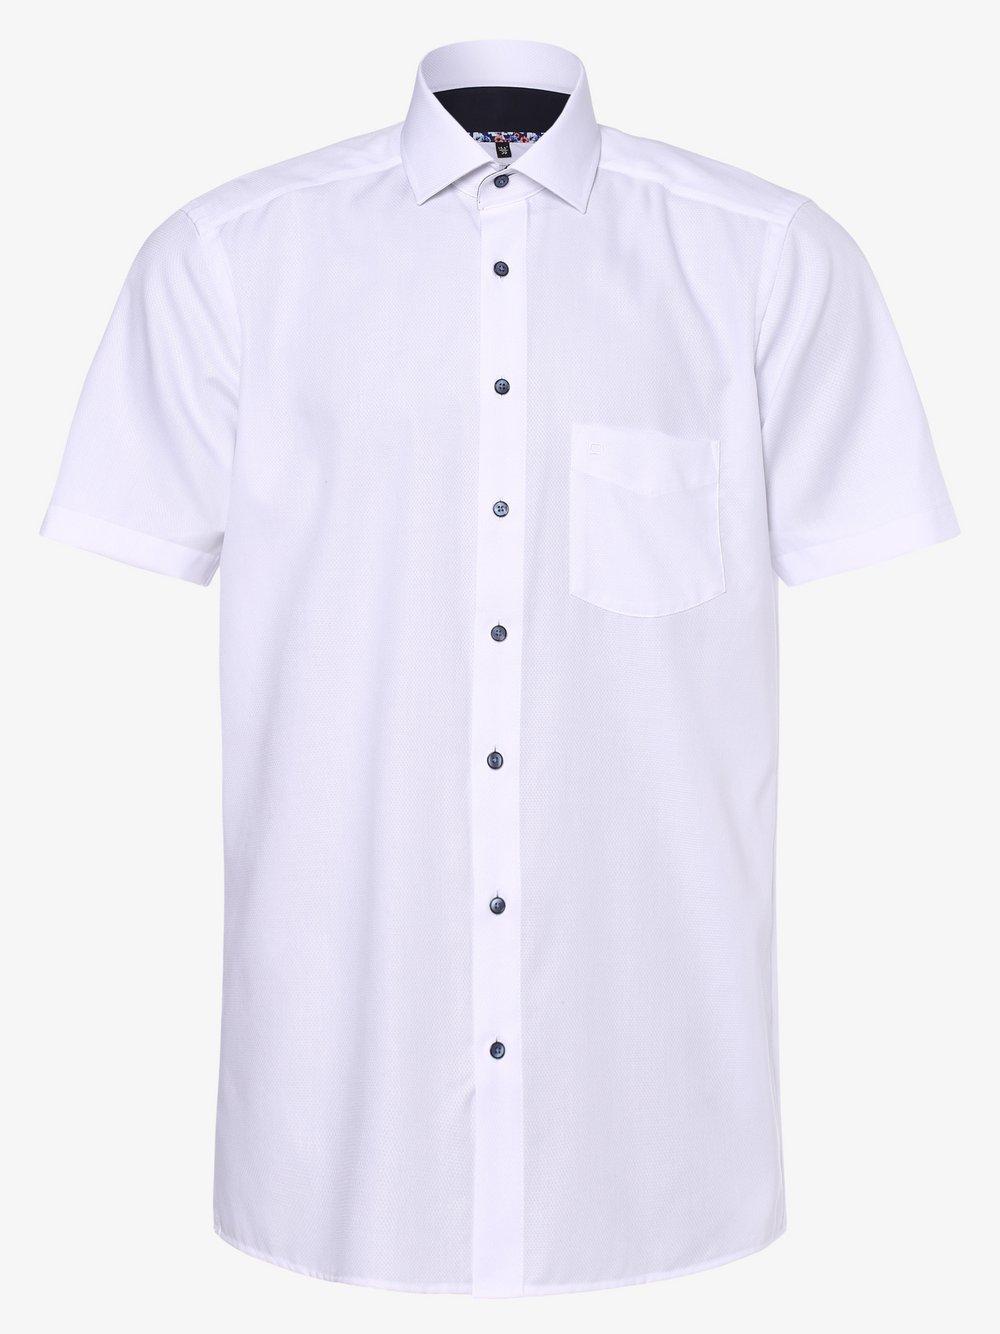 OLYMP Luxor modern Fit - Koszula męska – niewymagająca prasowania, biały